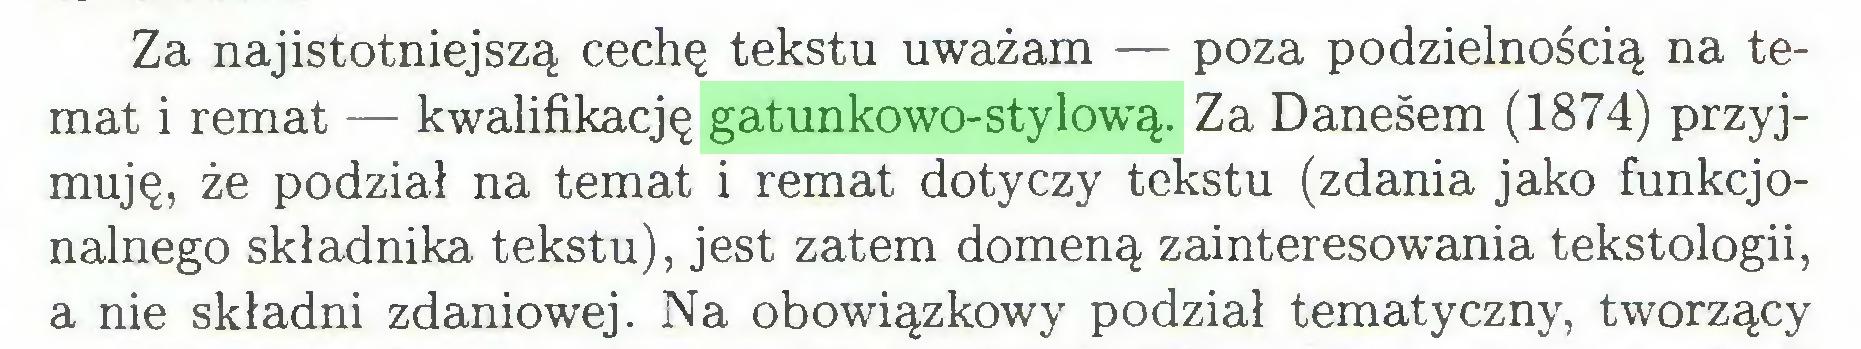 (...) Za najistotniejszą cechę tekstu uważam — poza podzielnością na temat i remat — kwalifikację gatunkowo-stylową. Za Daneśem (1874) przyjmuję, że podział na temat i remat dotyczy tekstu (zdania jako funkcjonalnego składnika tekstu), jest zatem domeną zainteresowania tekstologii, a nie składni zdaniowej. Na obowiązkowy podział tematyczny, tworzący...